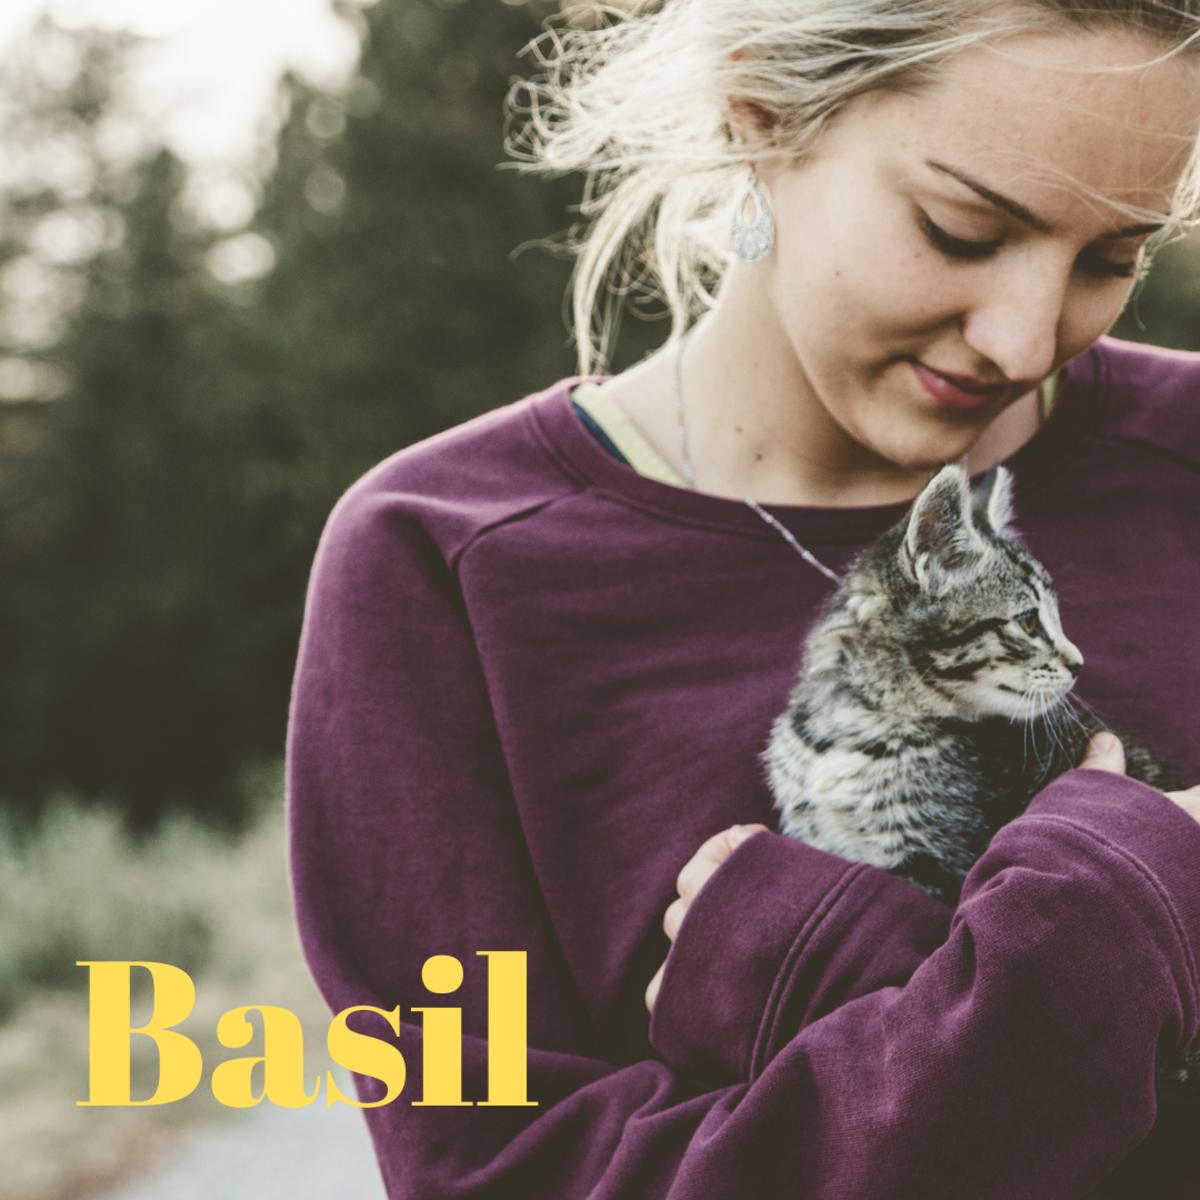 A kitten named Basil